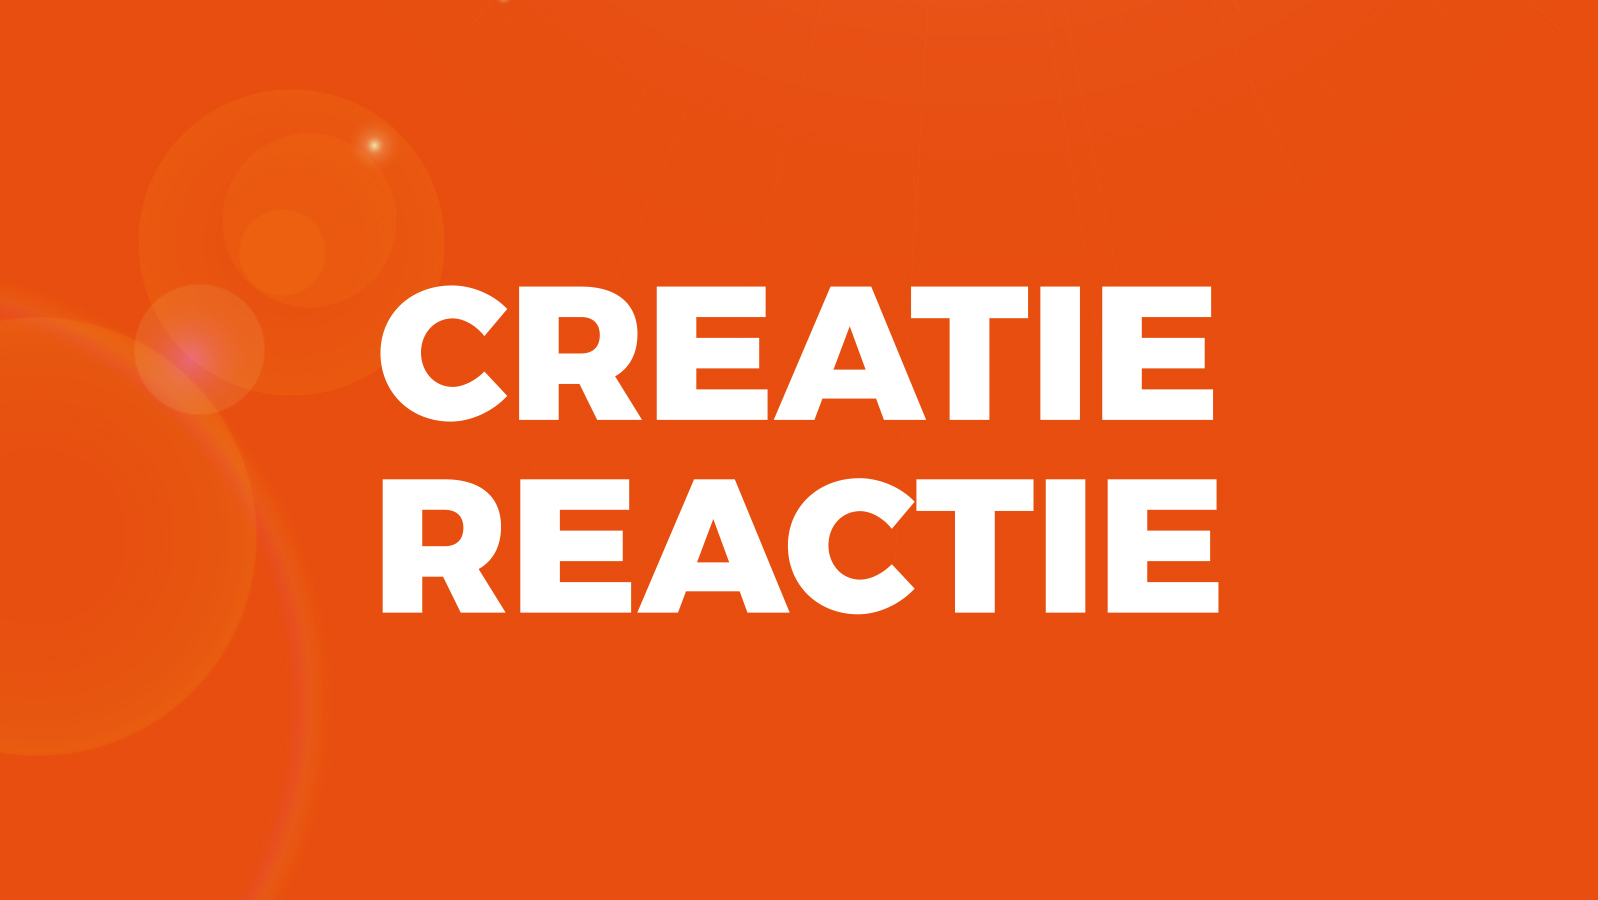 Creatie heeft reactie nodig